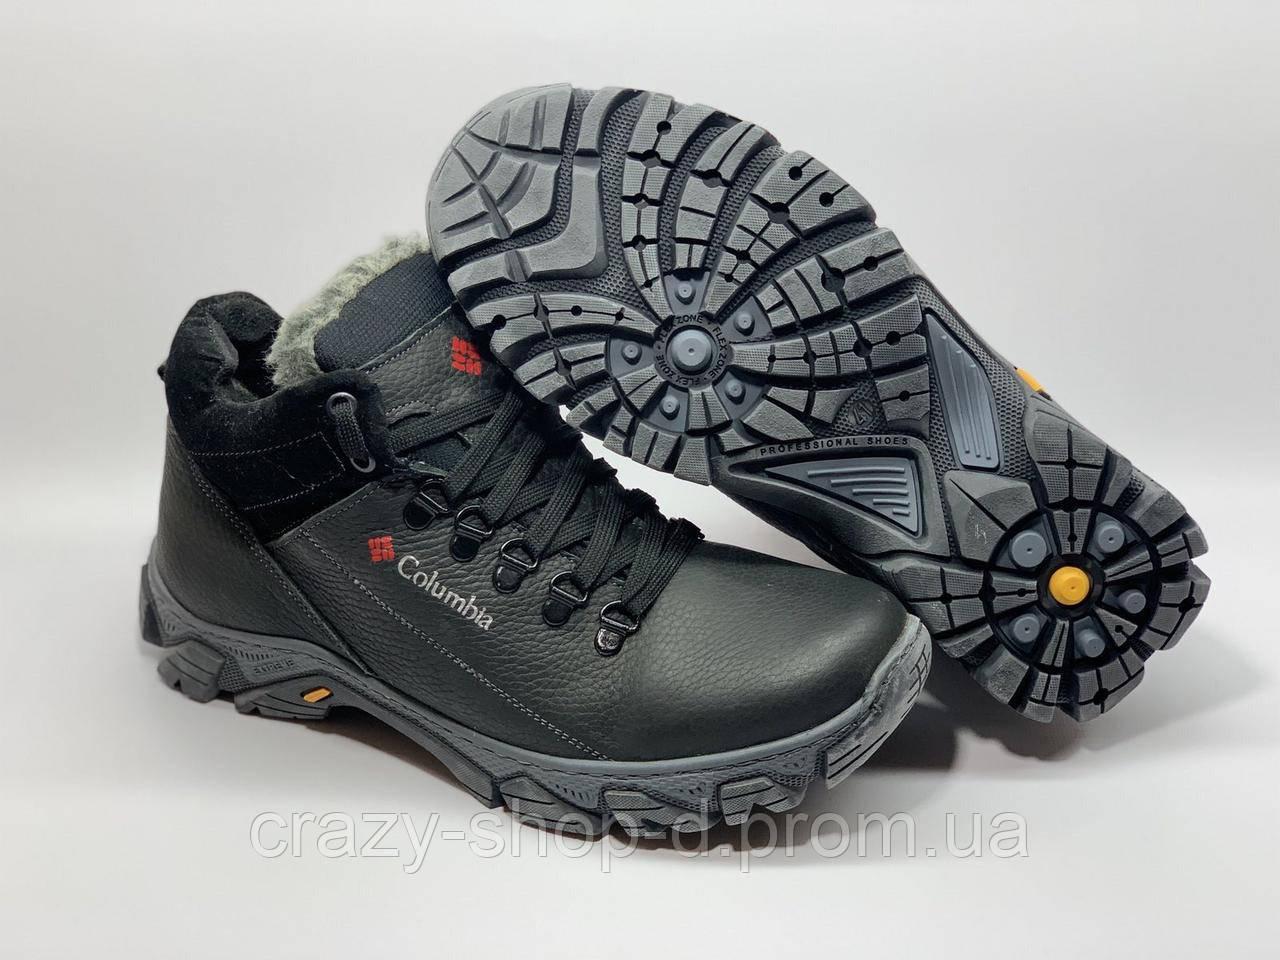 Зимние мужские кожаные ботинки в стиле Коламбия Columbia чёрные на шнуровке